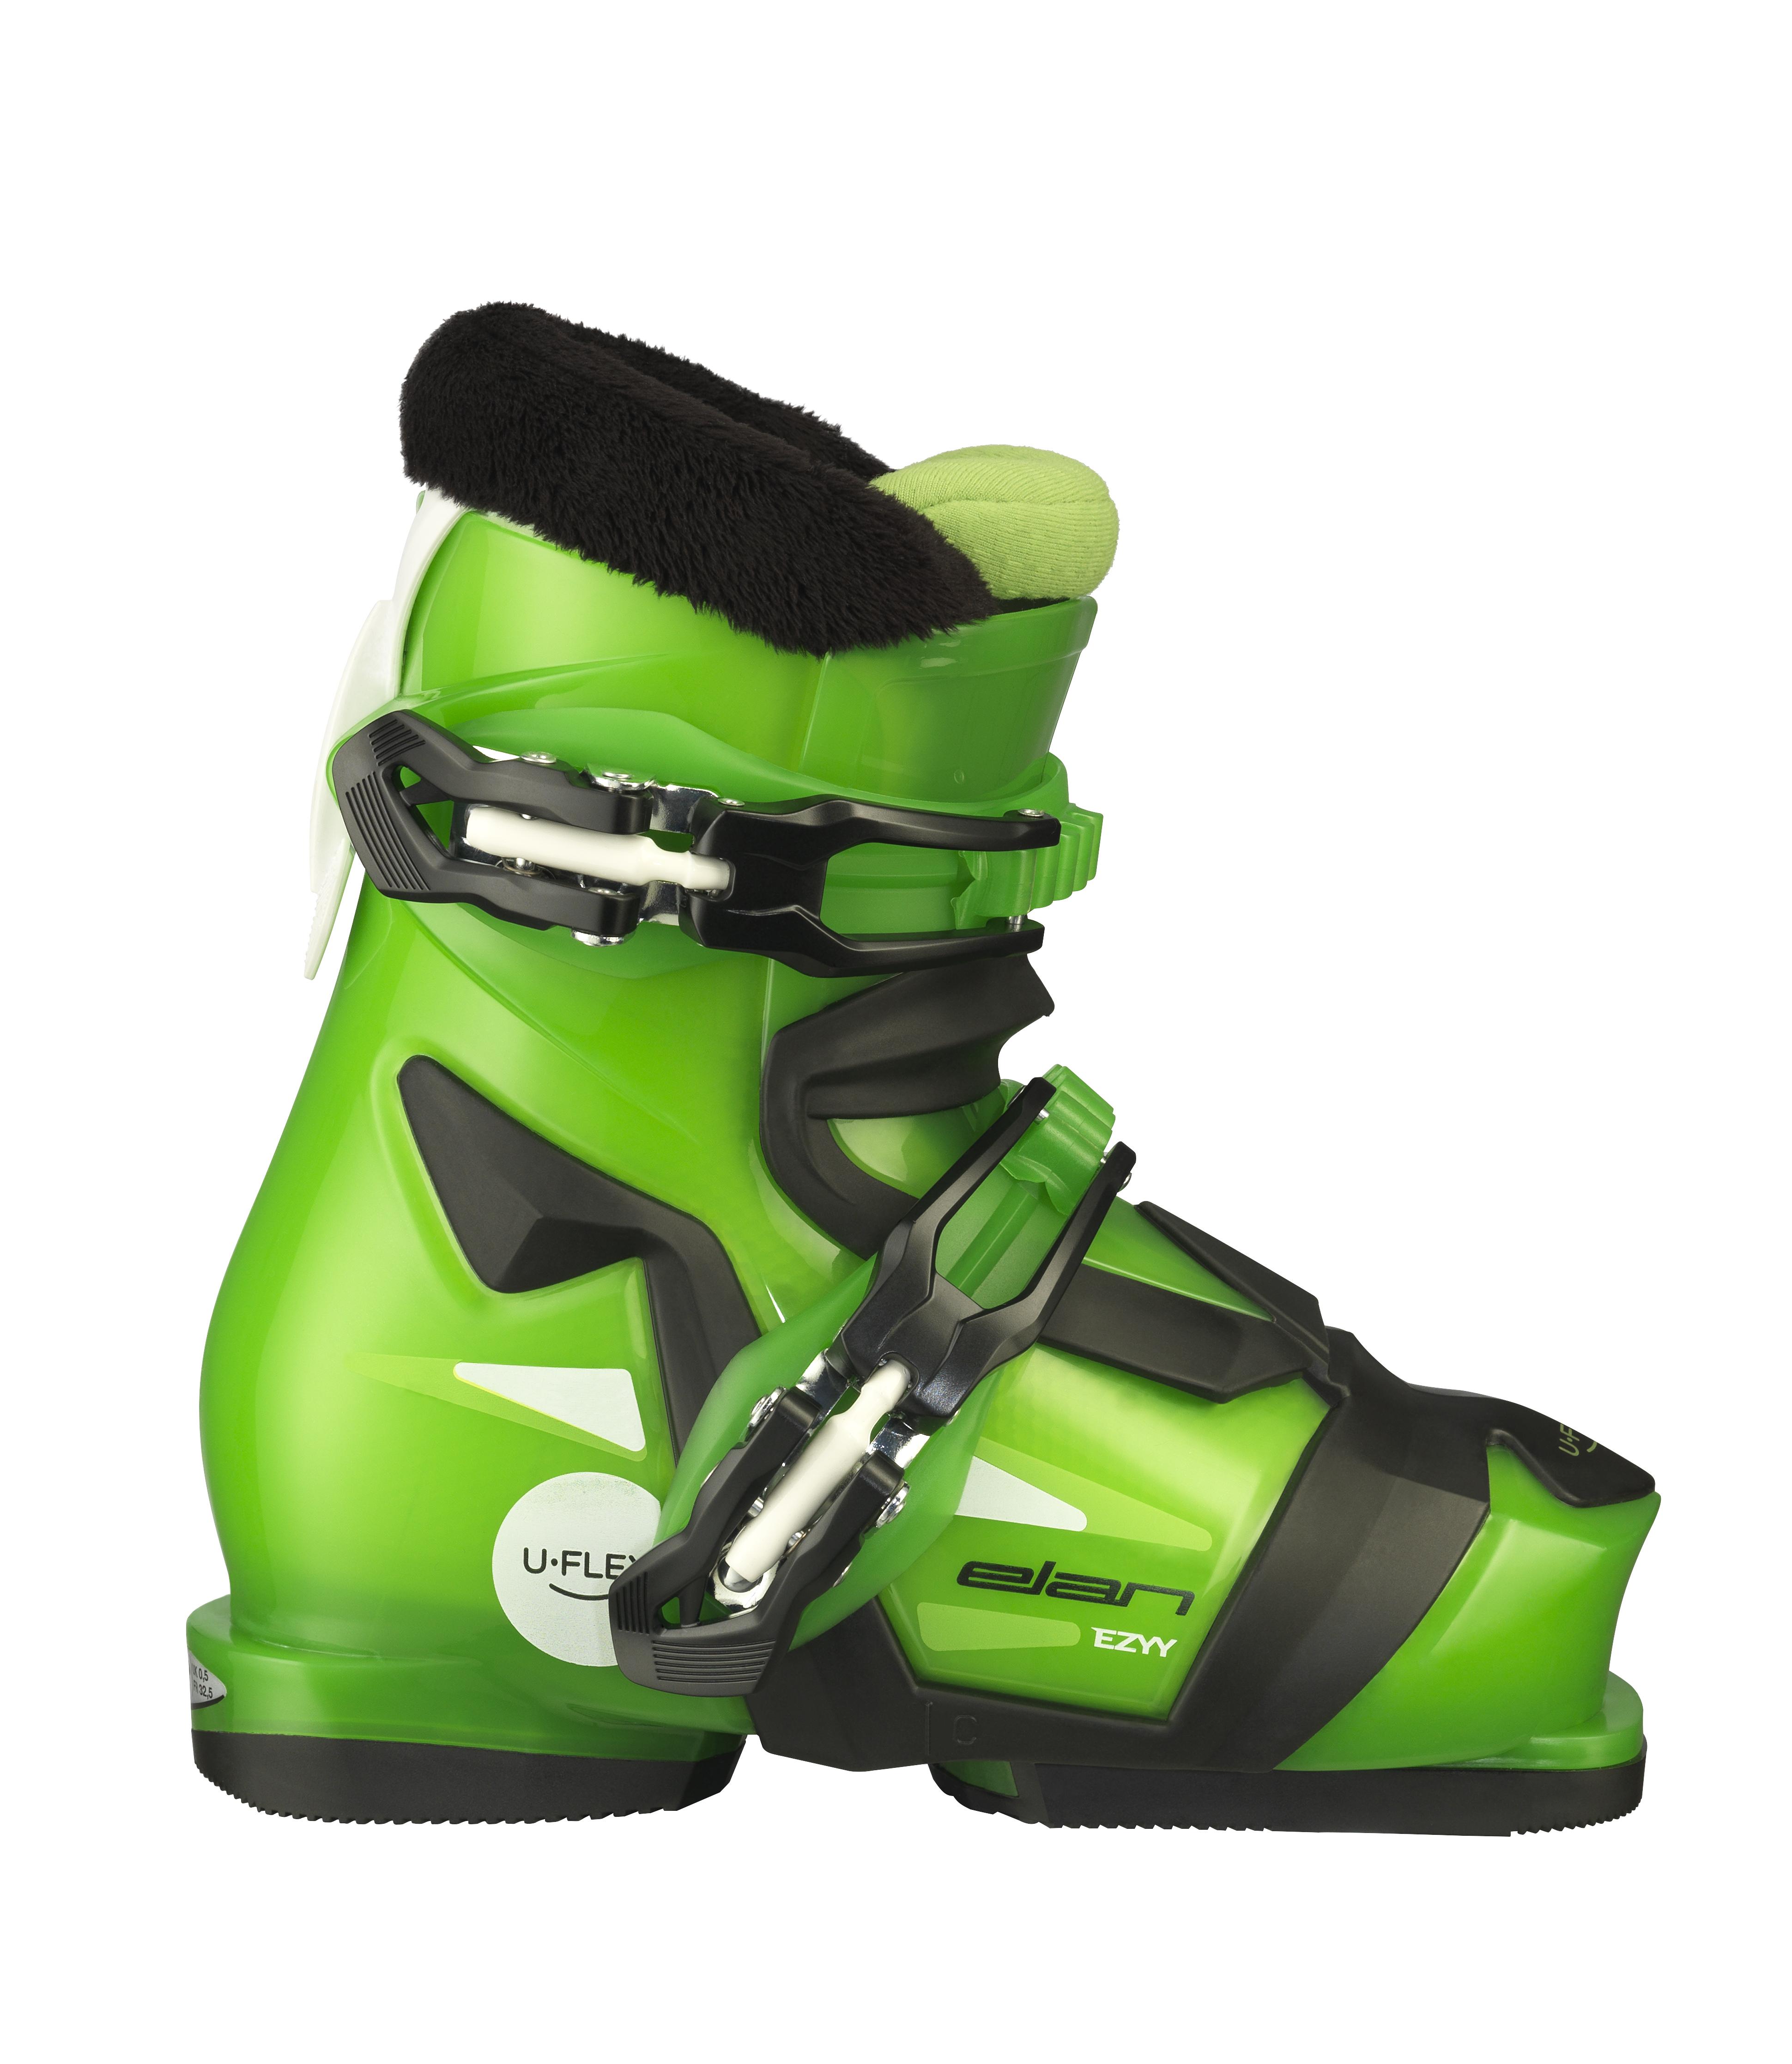 Горнолыжные ботинки Elan 2017-18 EZYY 2 (20,0-21,0)